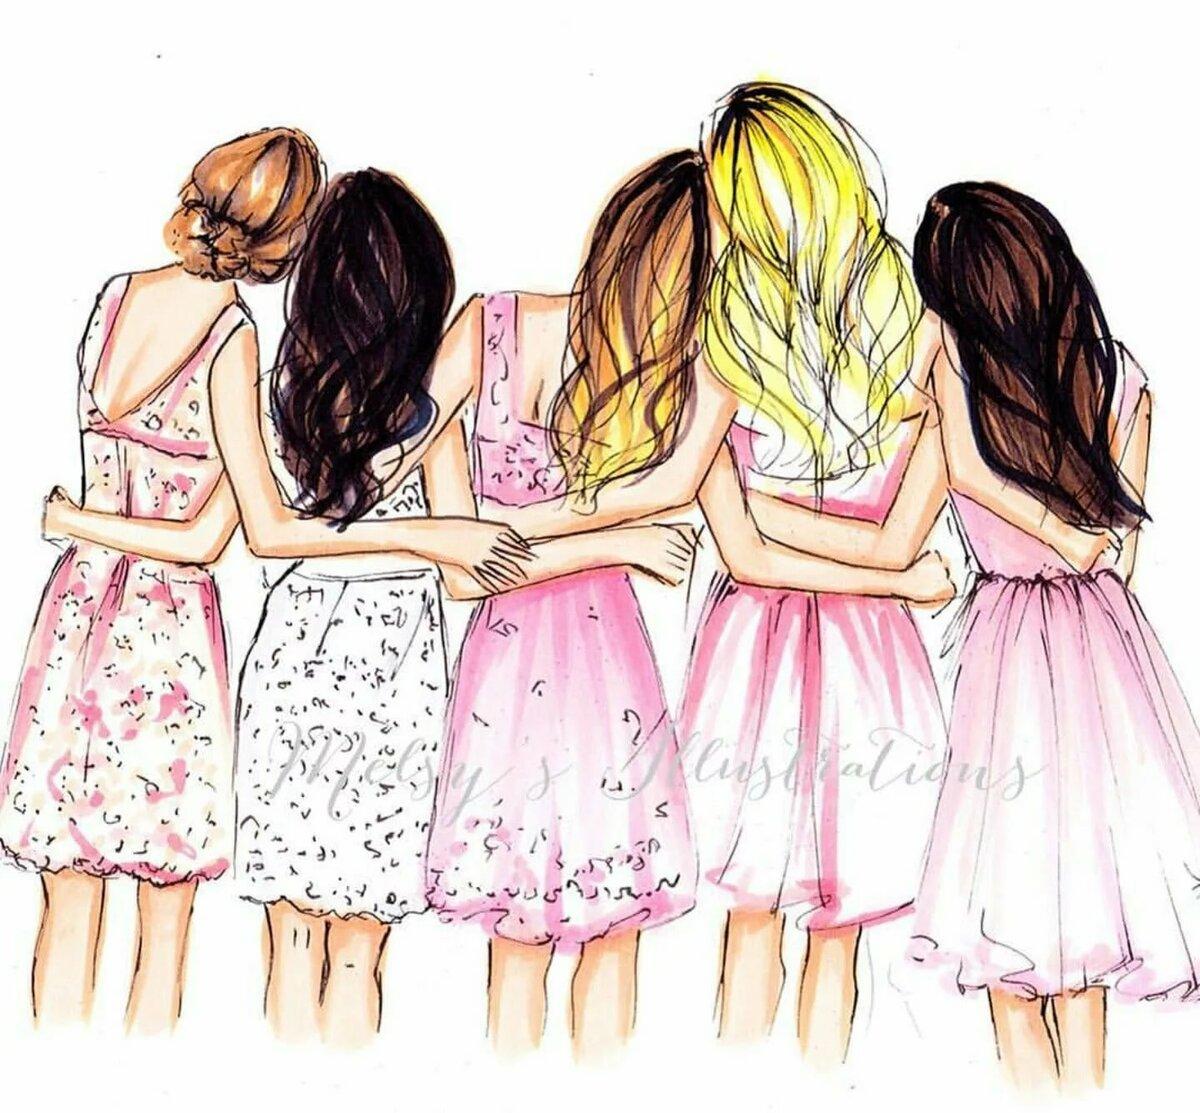 Картинки для девочек лучшие подружки, открыток